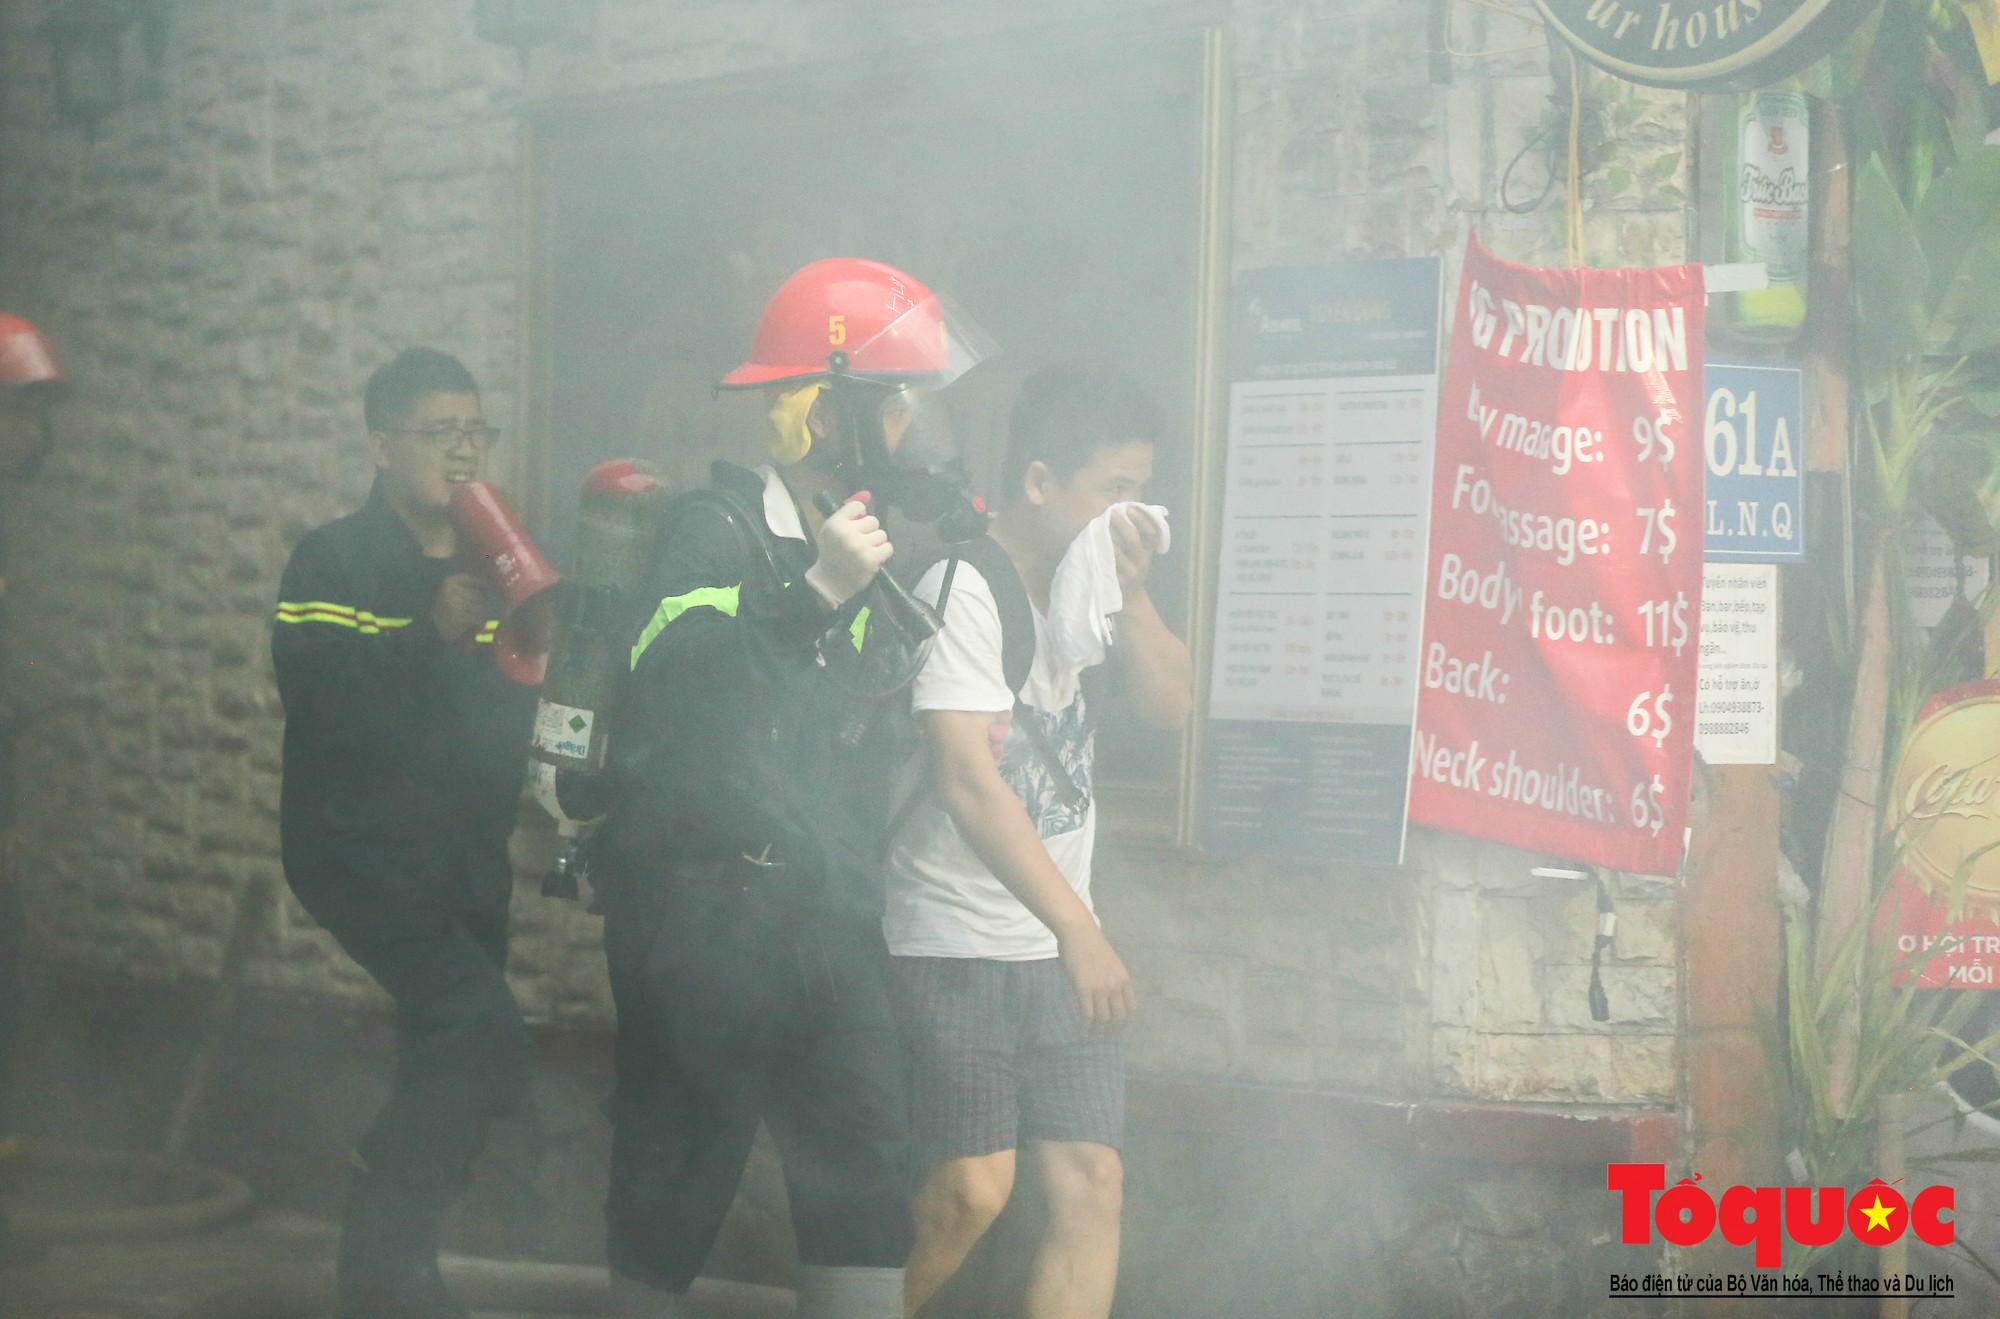 Hà Nội: Cháy khách sạn trên phố cổ, gần 30 người được đưa ra khỏi đám cháy - Ảnh 3.